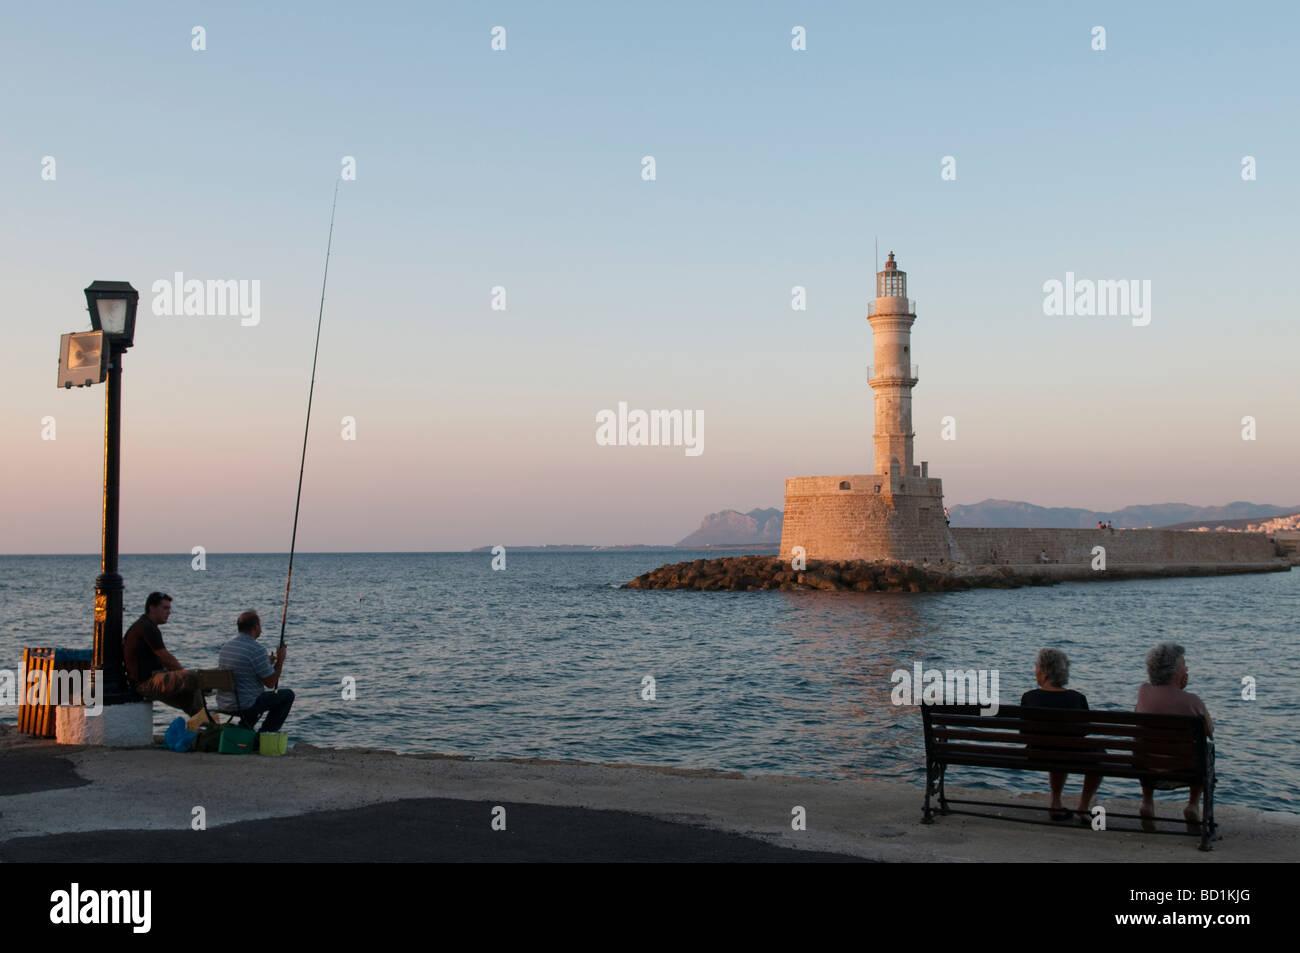 Pesca deportiva en el puerto veneciano al atardecer. Chania, Creta, Grecia Imagen De Stock